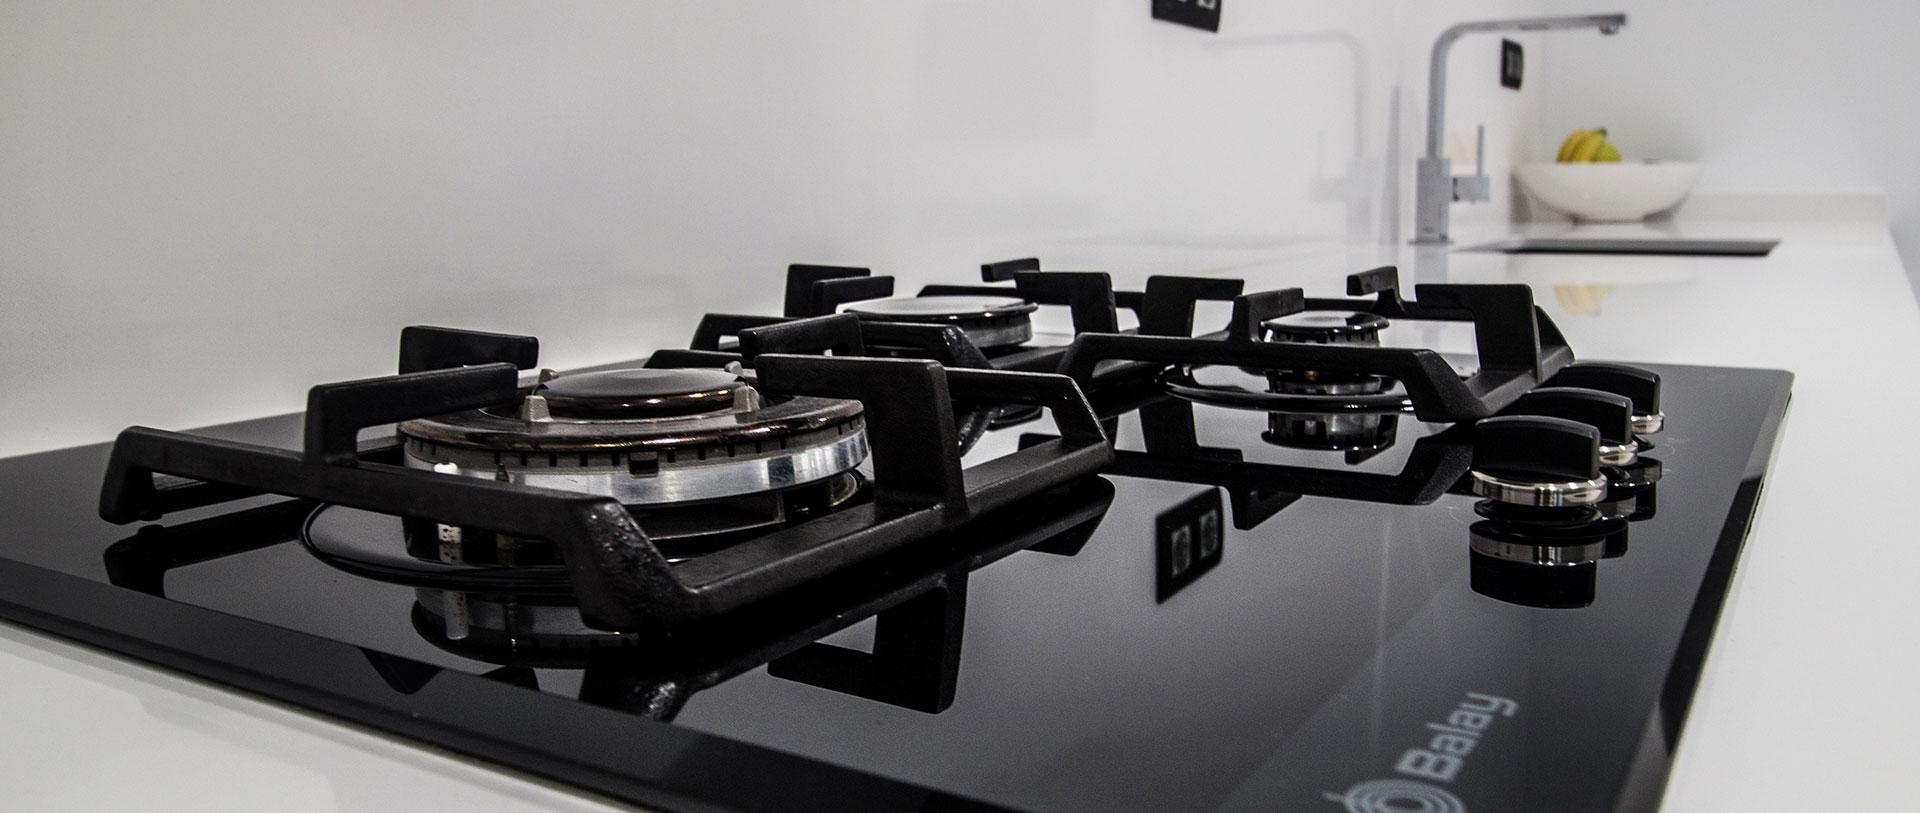 Detalle de cocina. Reforma y diseño de cocina en Centro, realizado por Dromstudio